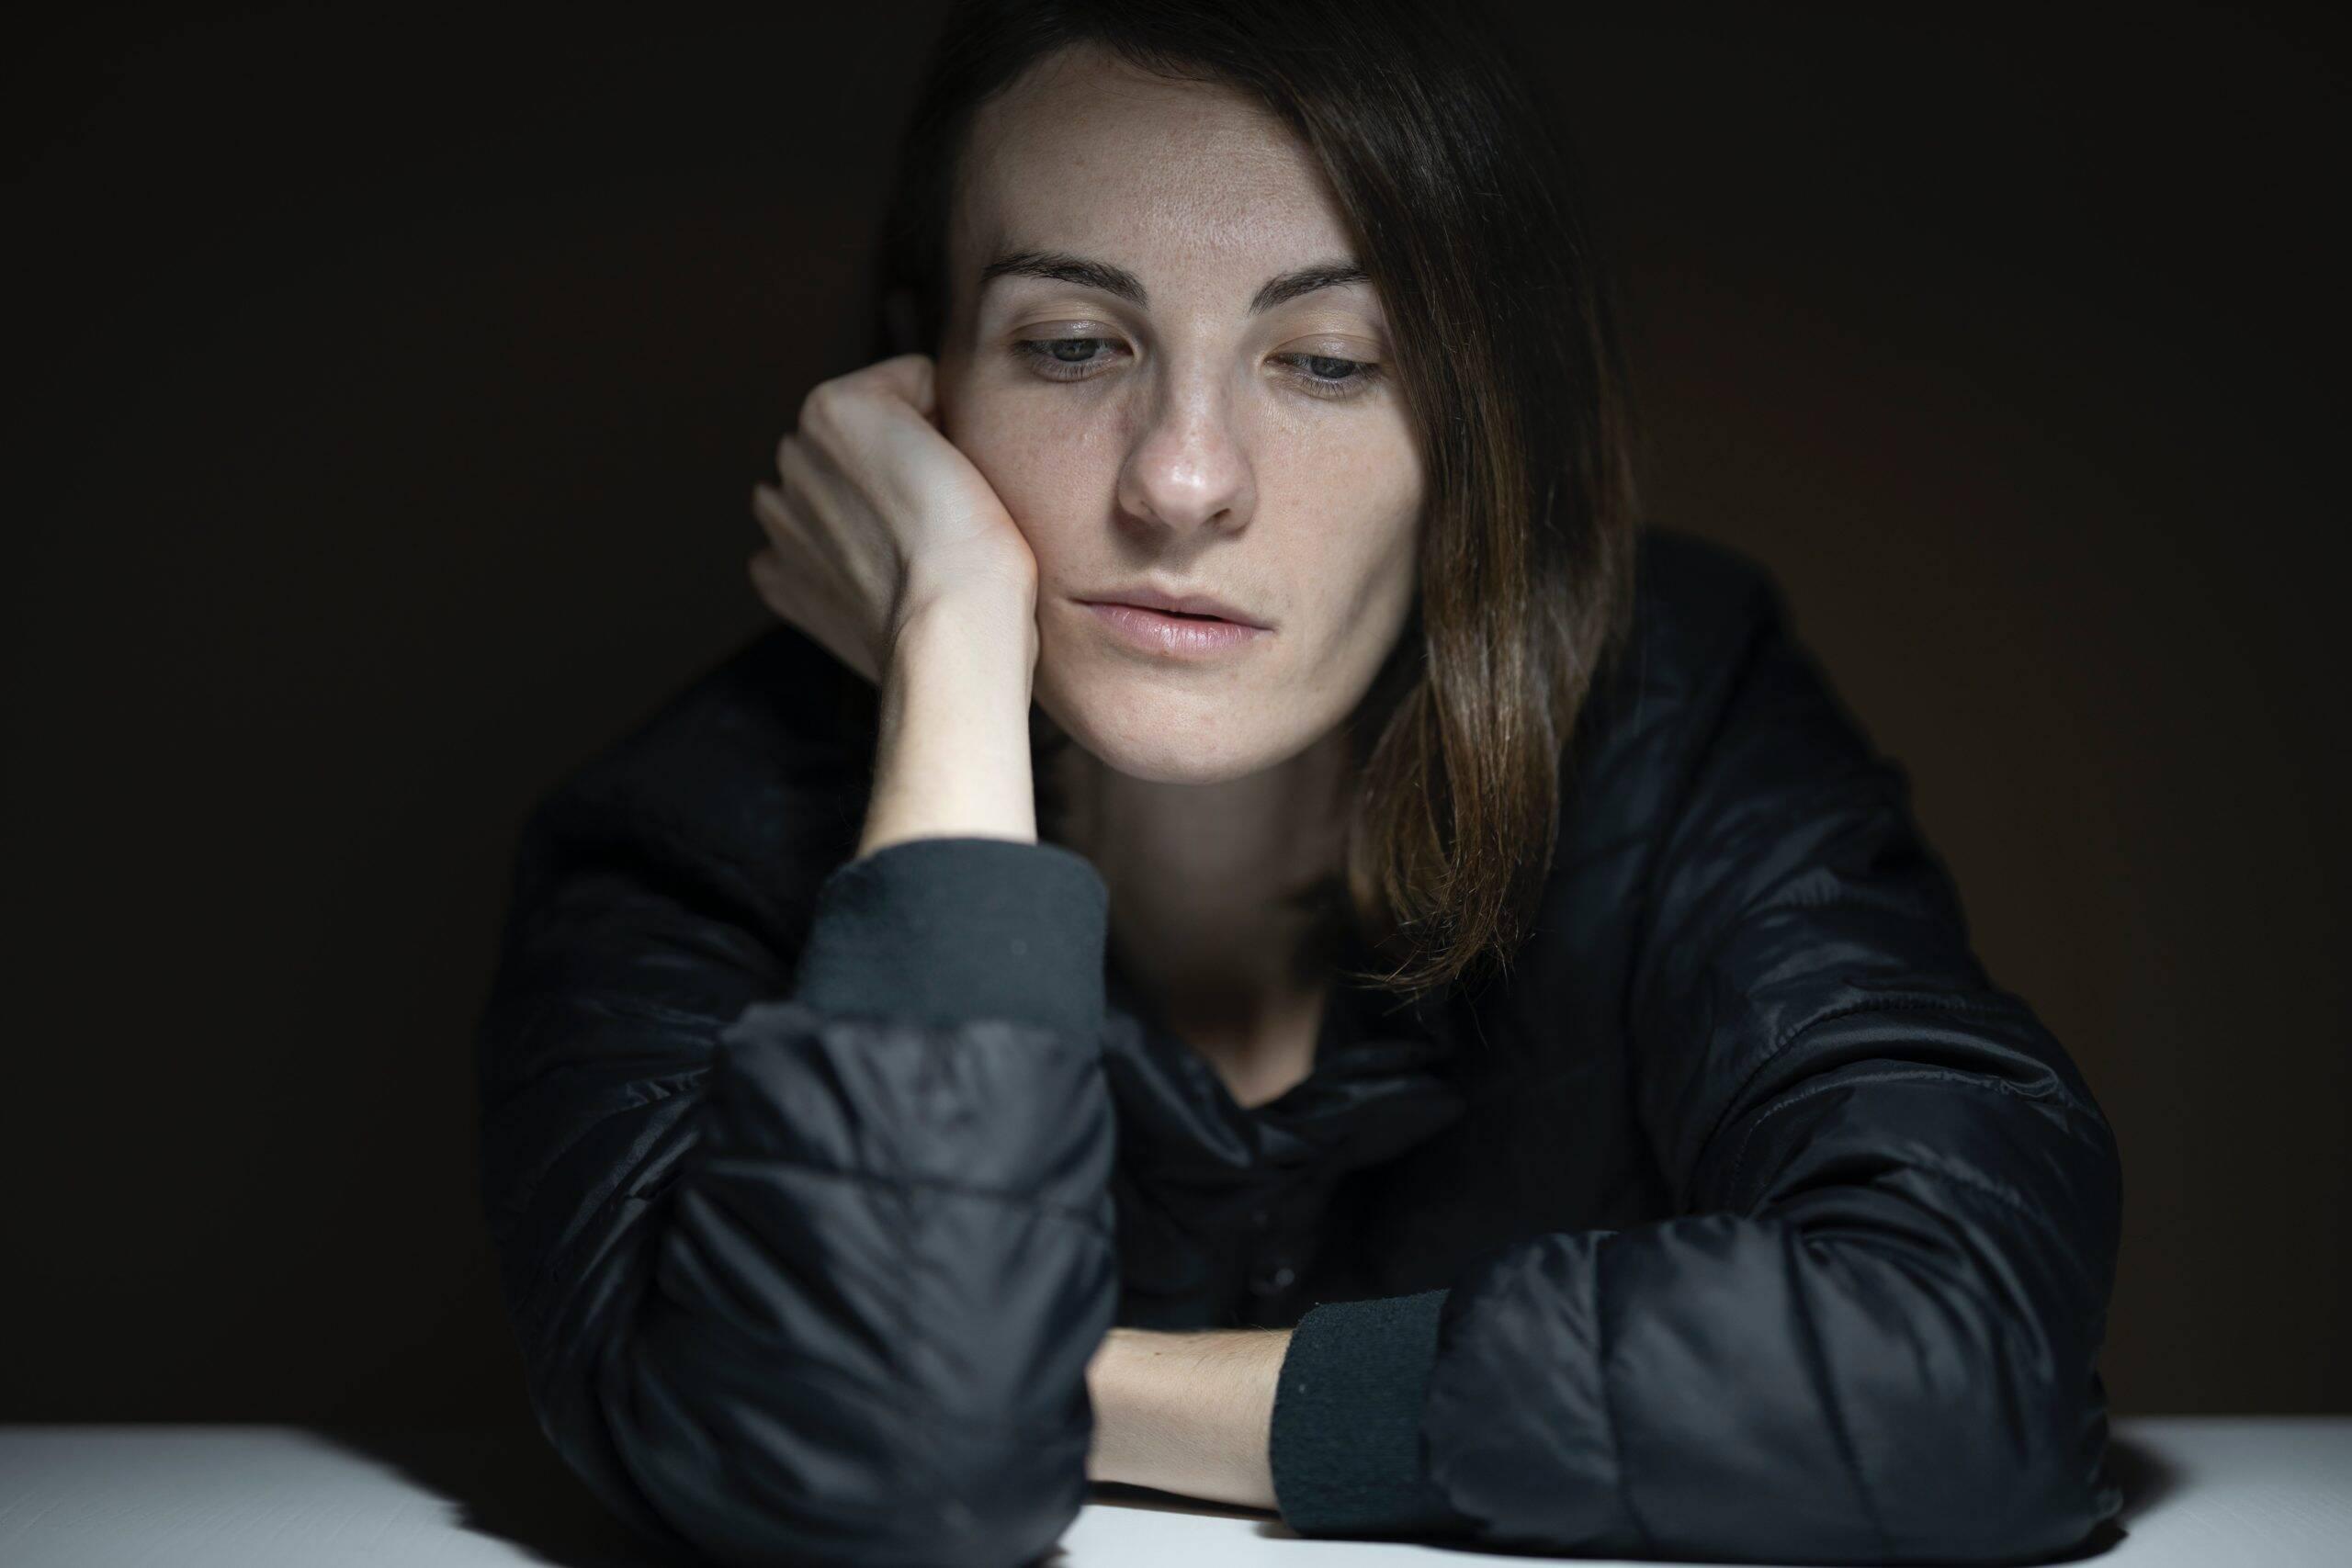 Alguns estudos comprovaram que os transtornos mentais, como a ansiedade, depressão e estresse aumentaram sucessivamente. (Foto: Pexels)